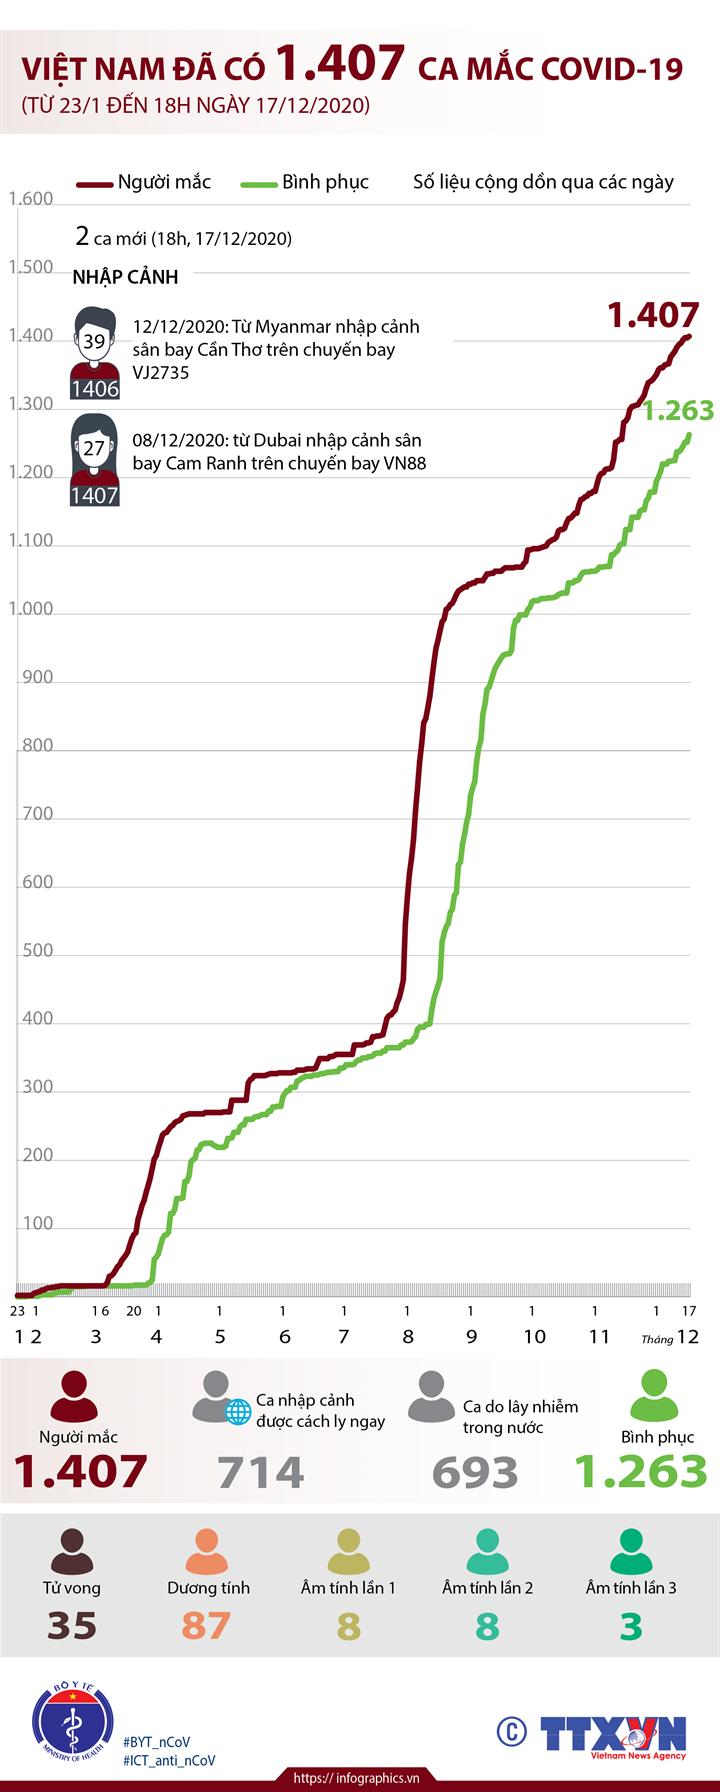 Việt Nam đã có 1.407 ca mắc COVID-19 (từ 23/1 đến 18h ngày 17/12/2020)